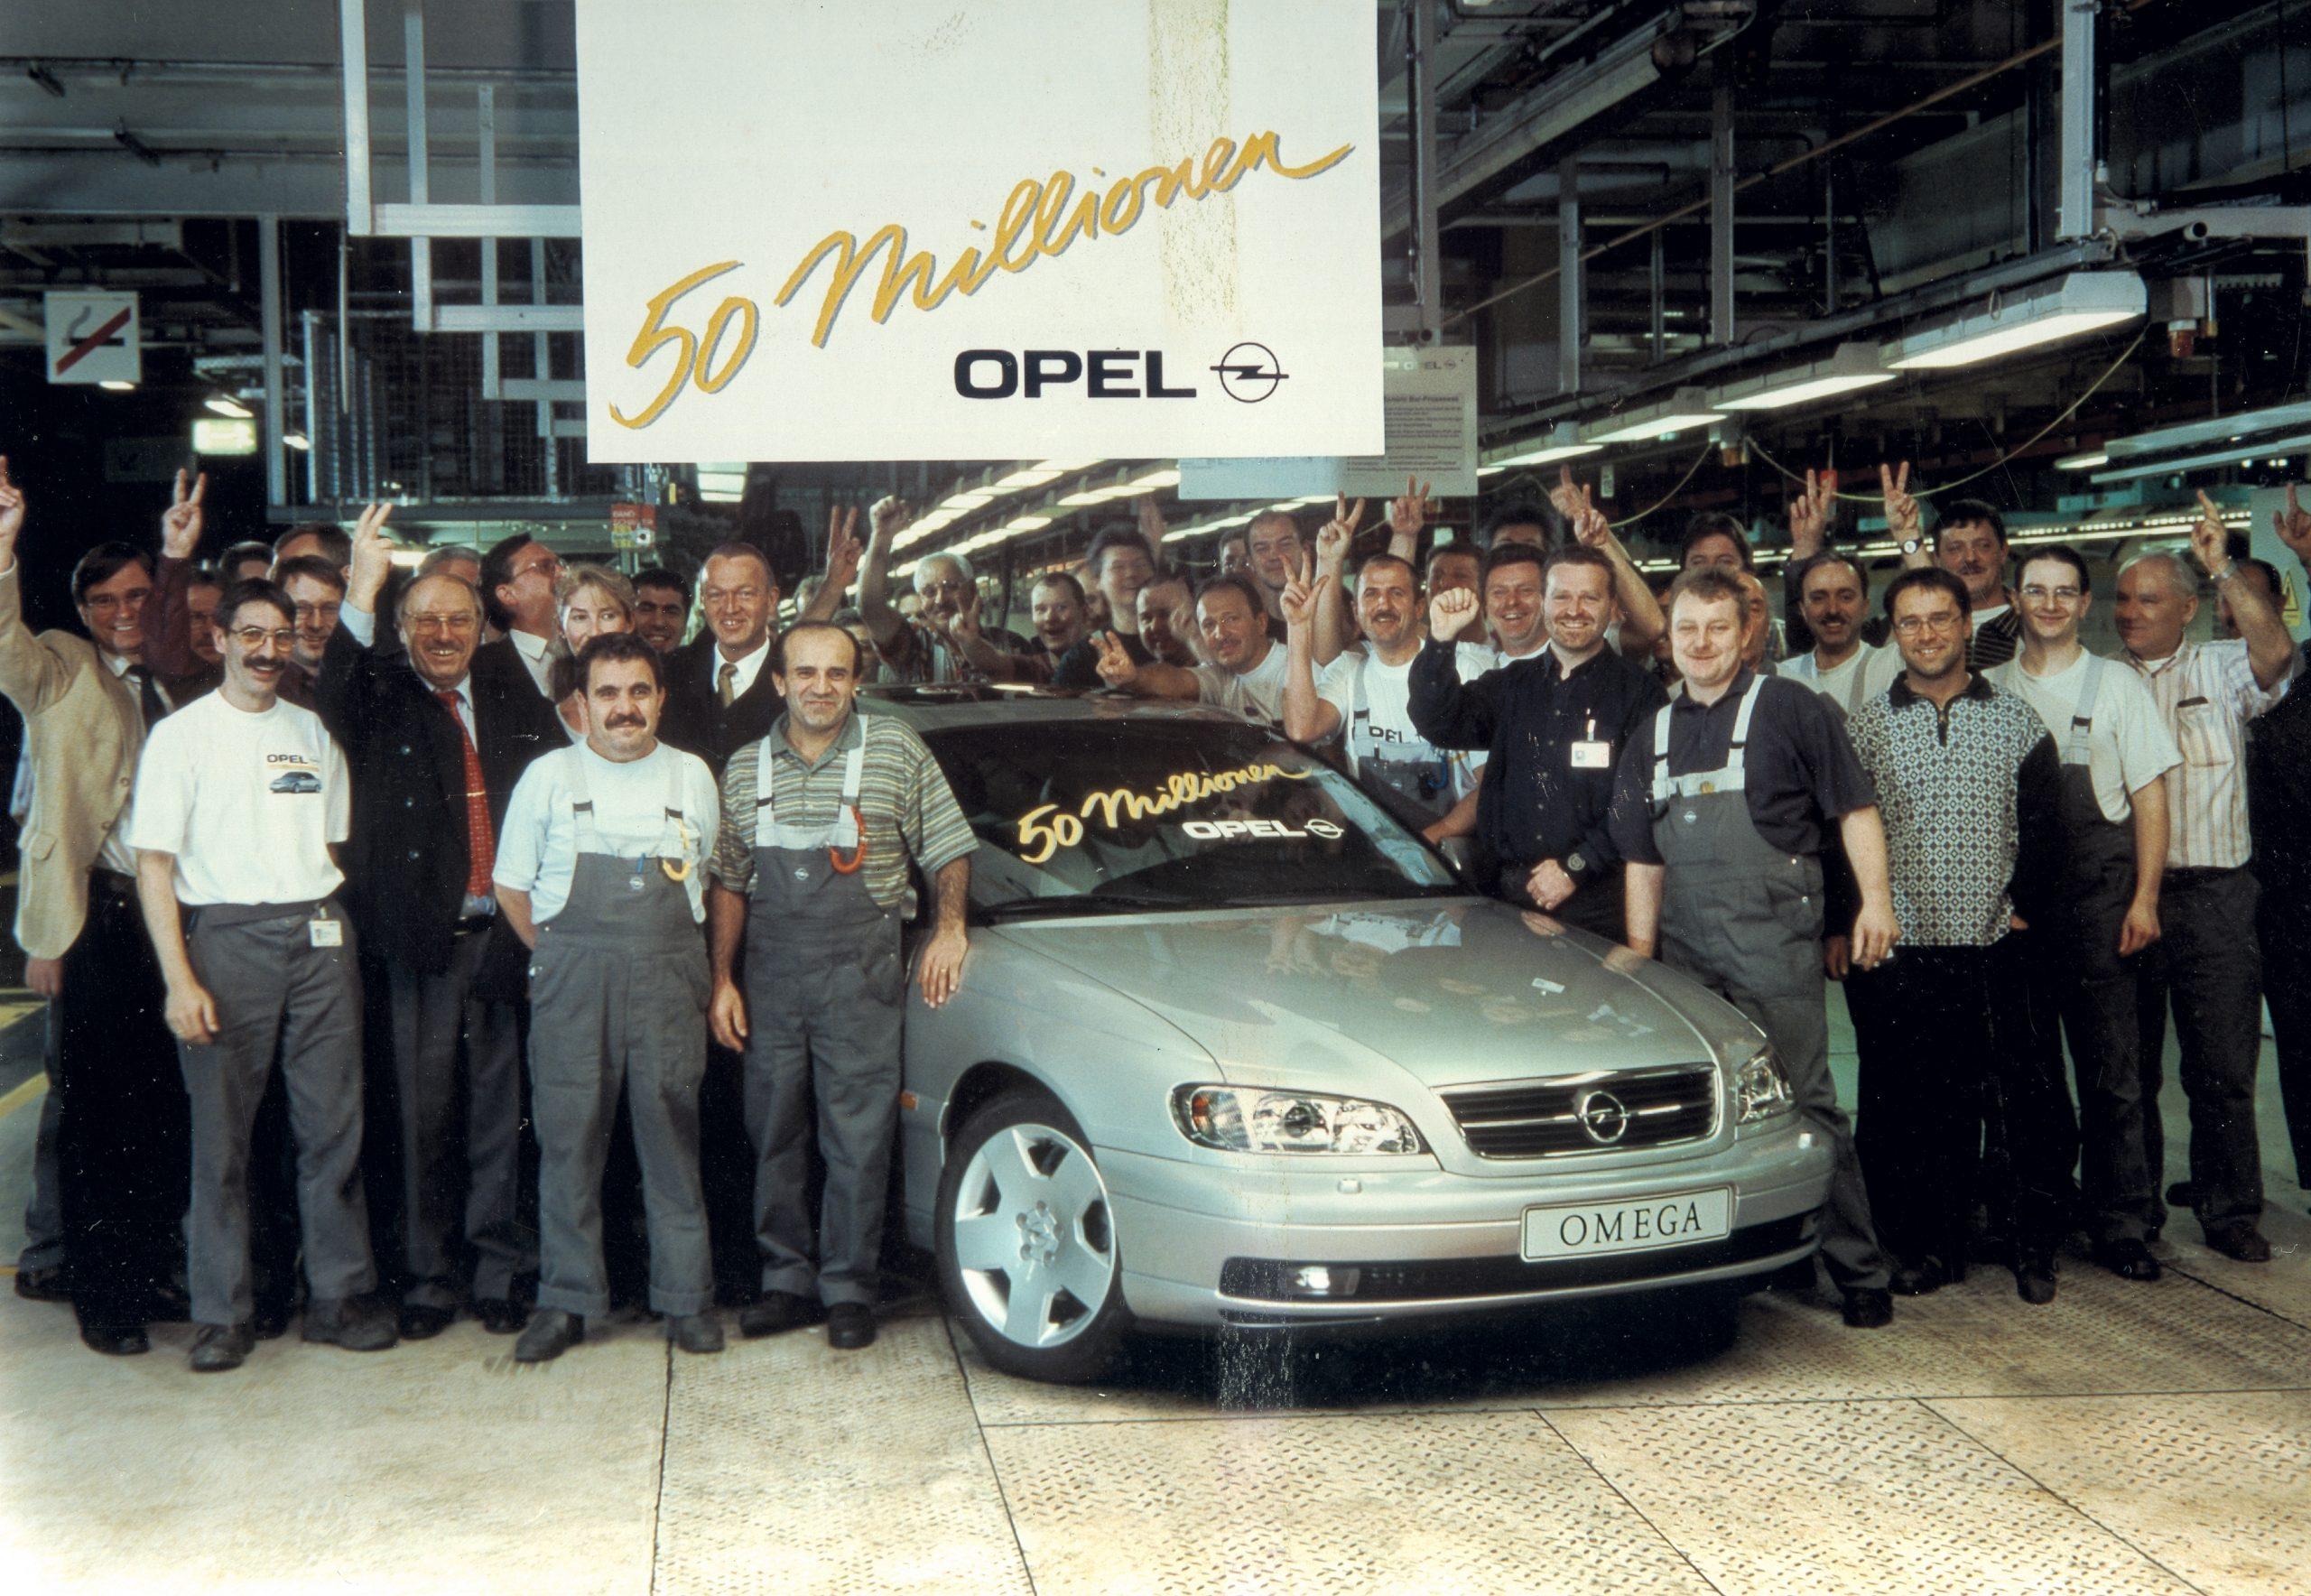 Elettrico senza vincoli con la Formula Flex & Free - image 1999-50-milioni-Opel-scaled on https://motori.net